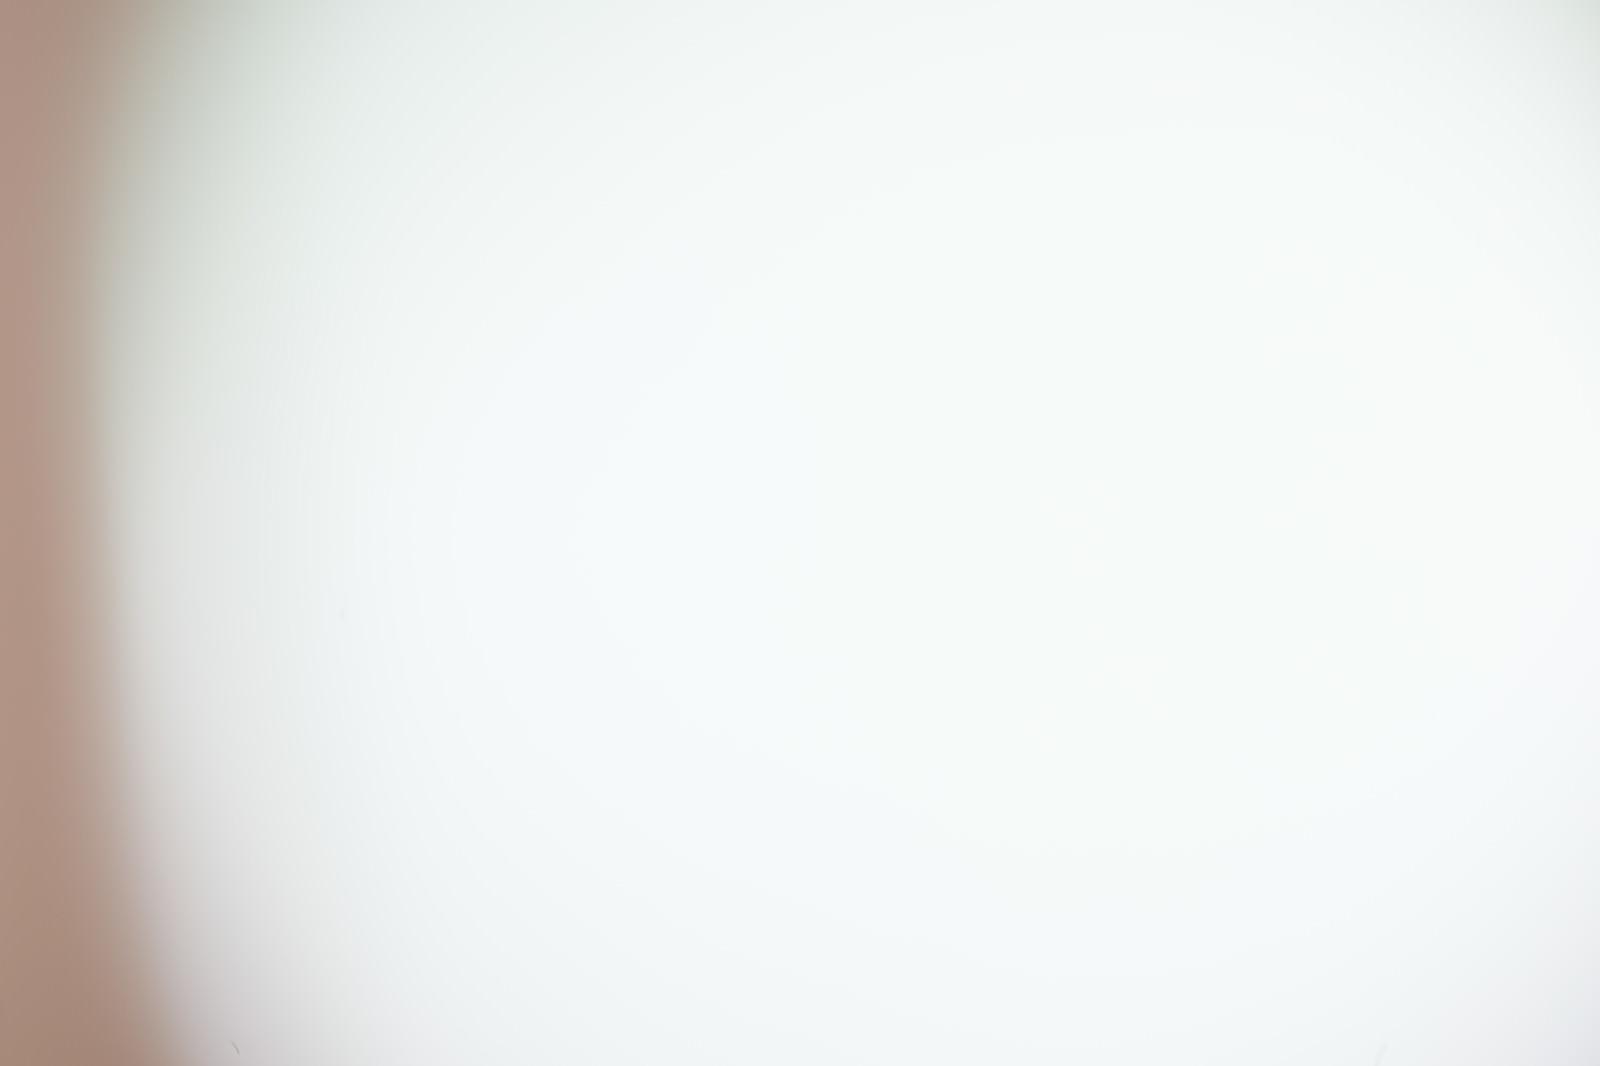 「マットな光」の写真